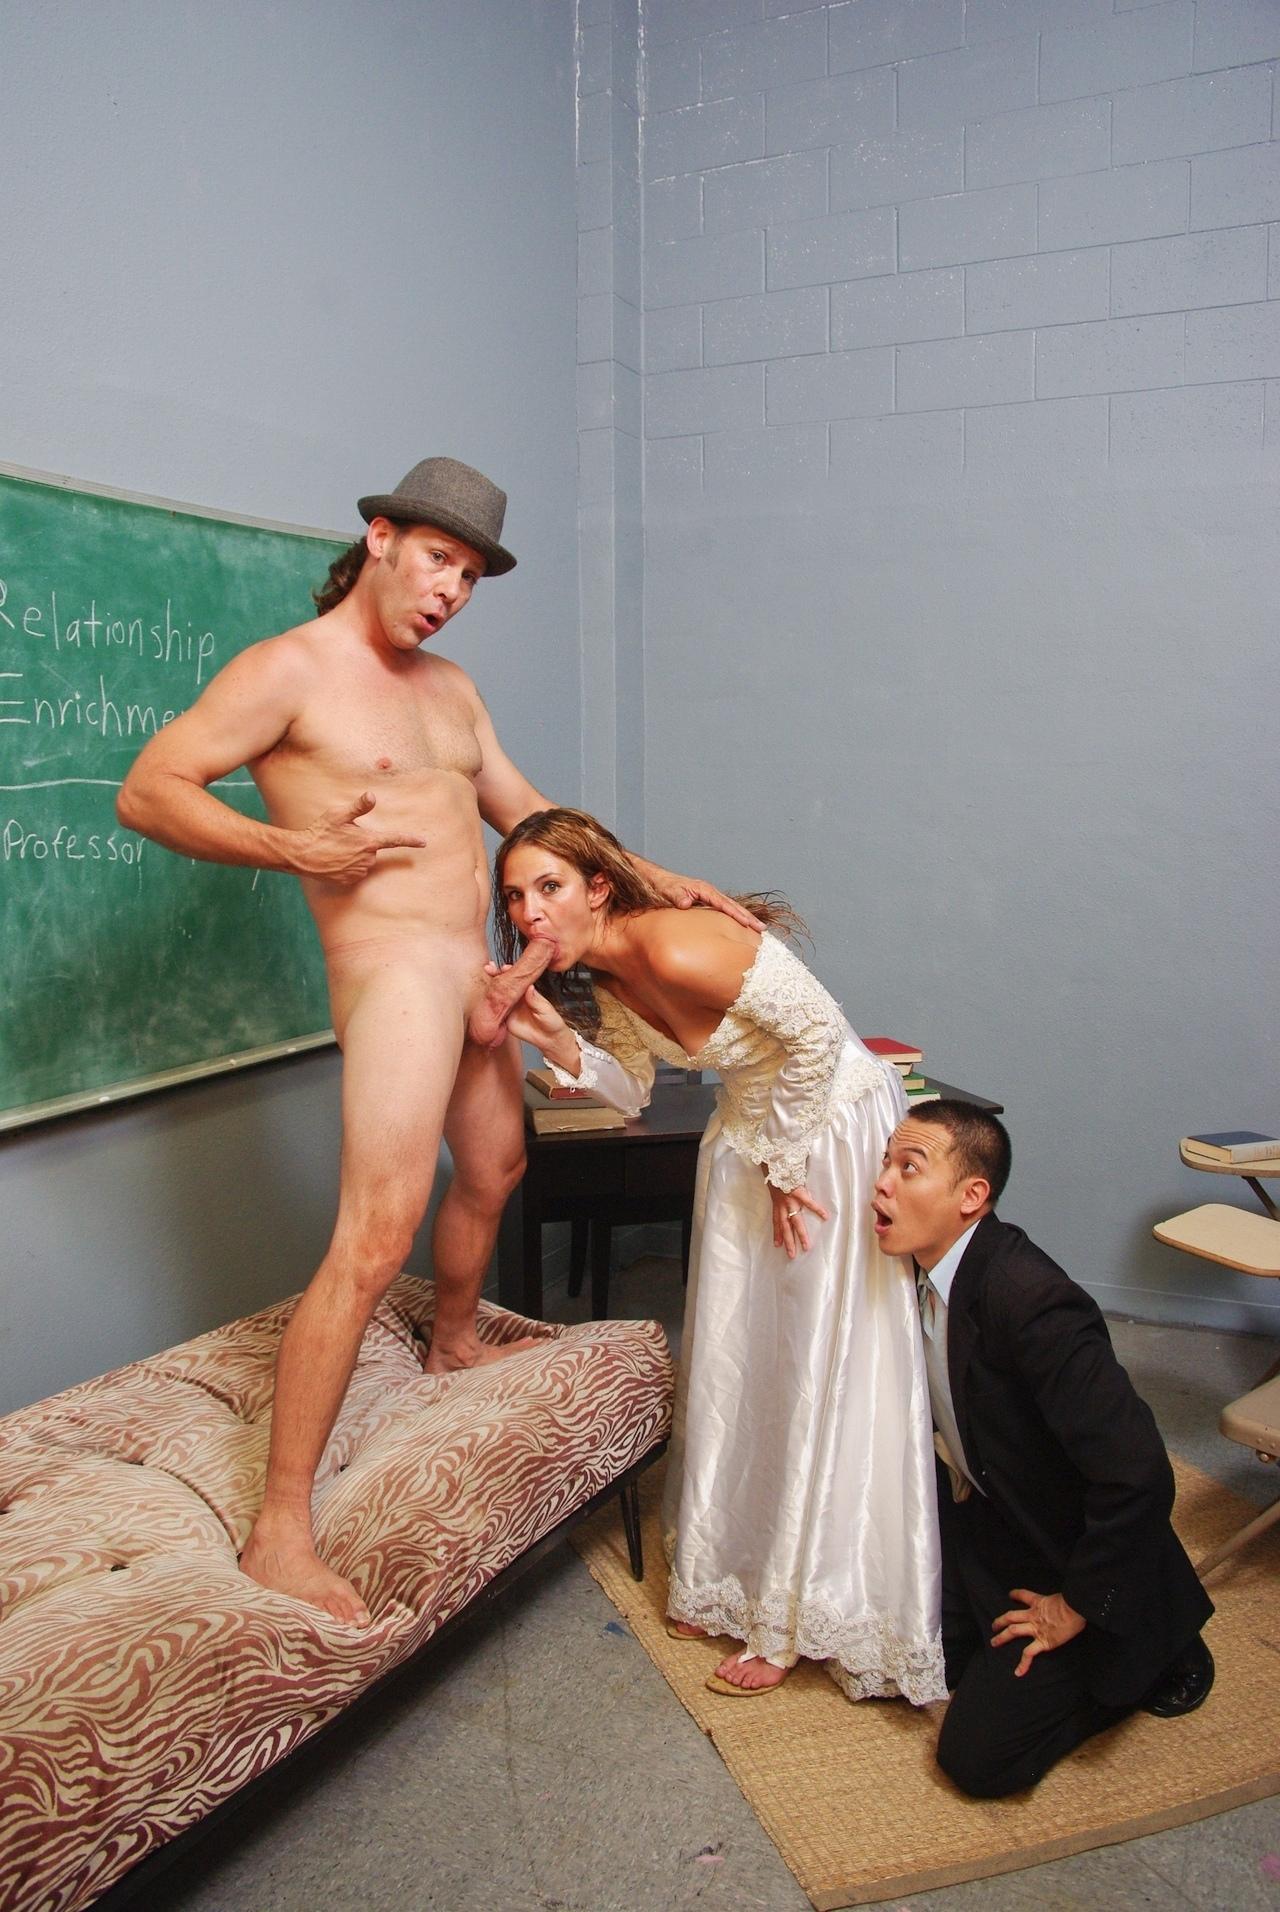 porno-onlayn-iz-nas-na-glazah-u-zheniha-polnometrazhniy-porno-lesbi-film-so-straponom-s-russkim-perevodom